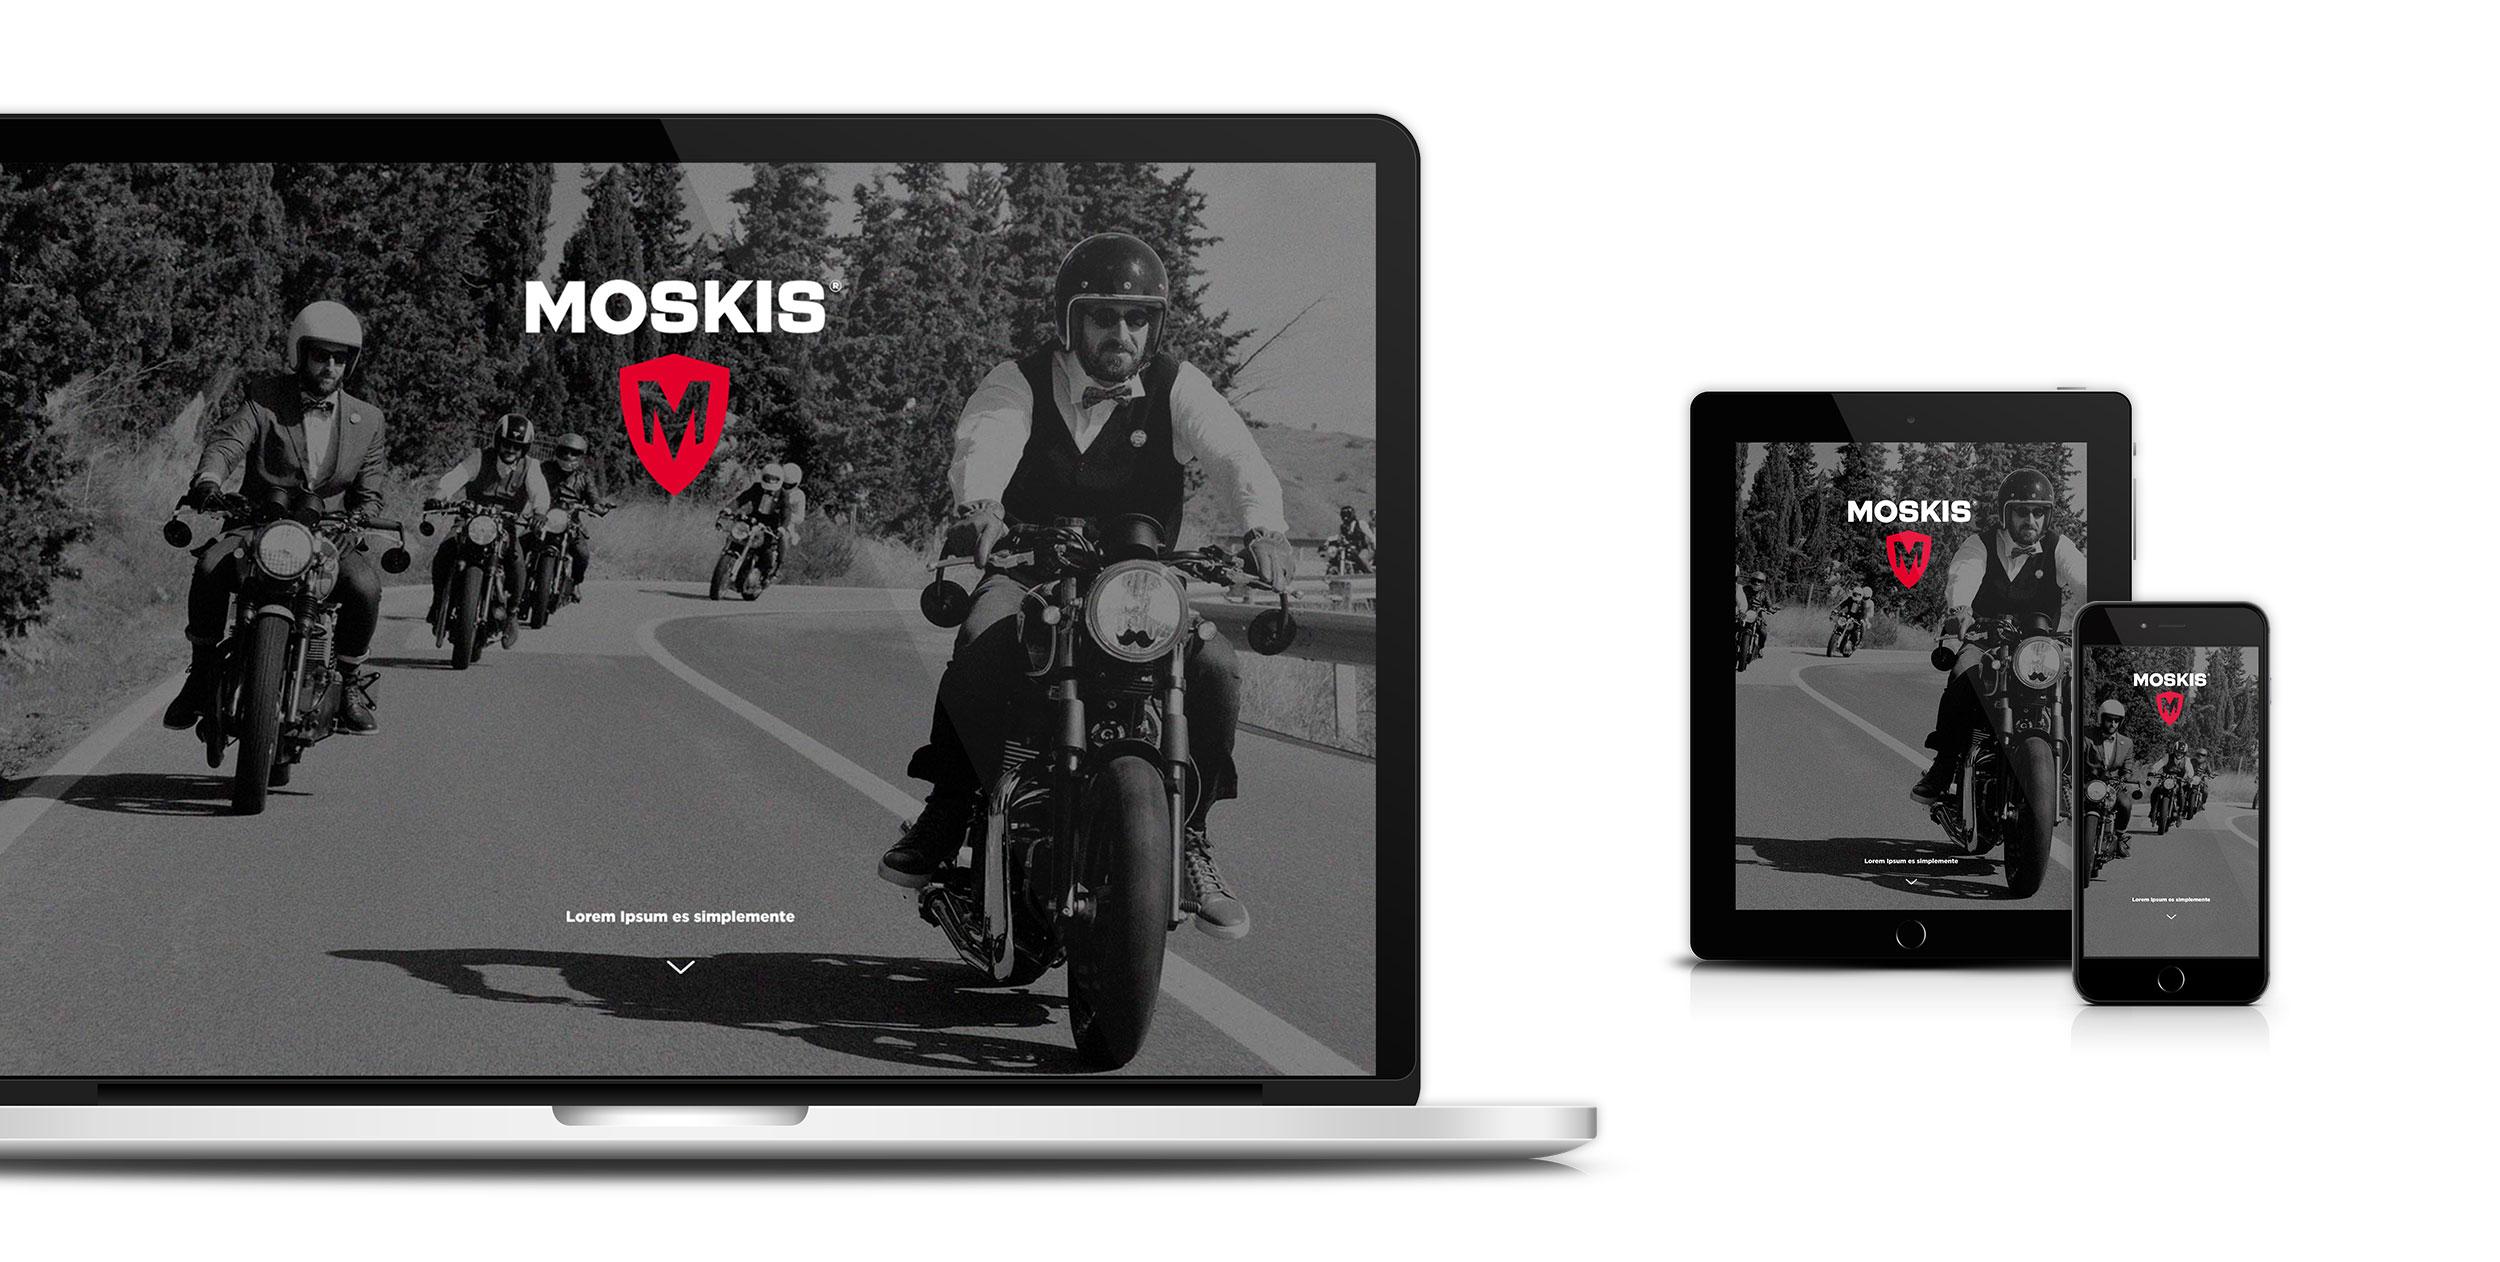 diseño de marca en una web